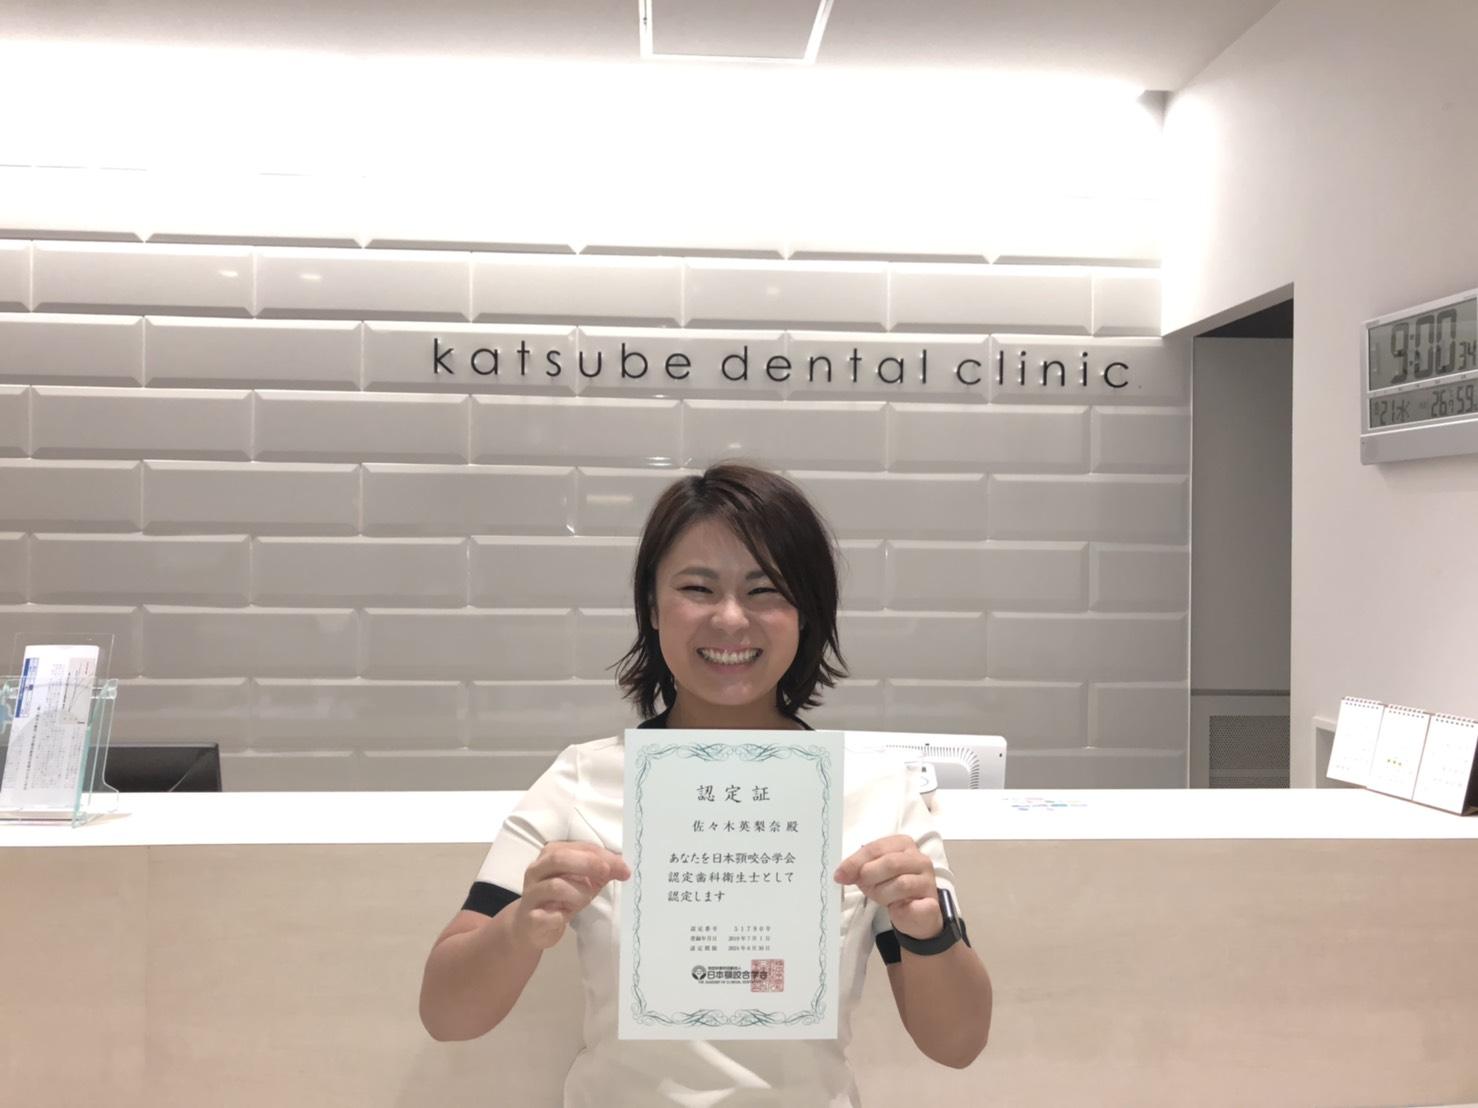 歯科衛生士の佐々木が日本顎咬合学会の認定歯科衛生士に認定されました